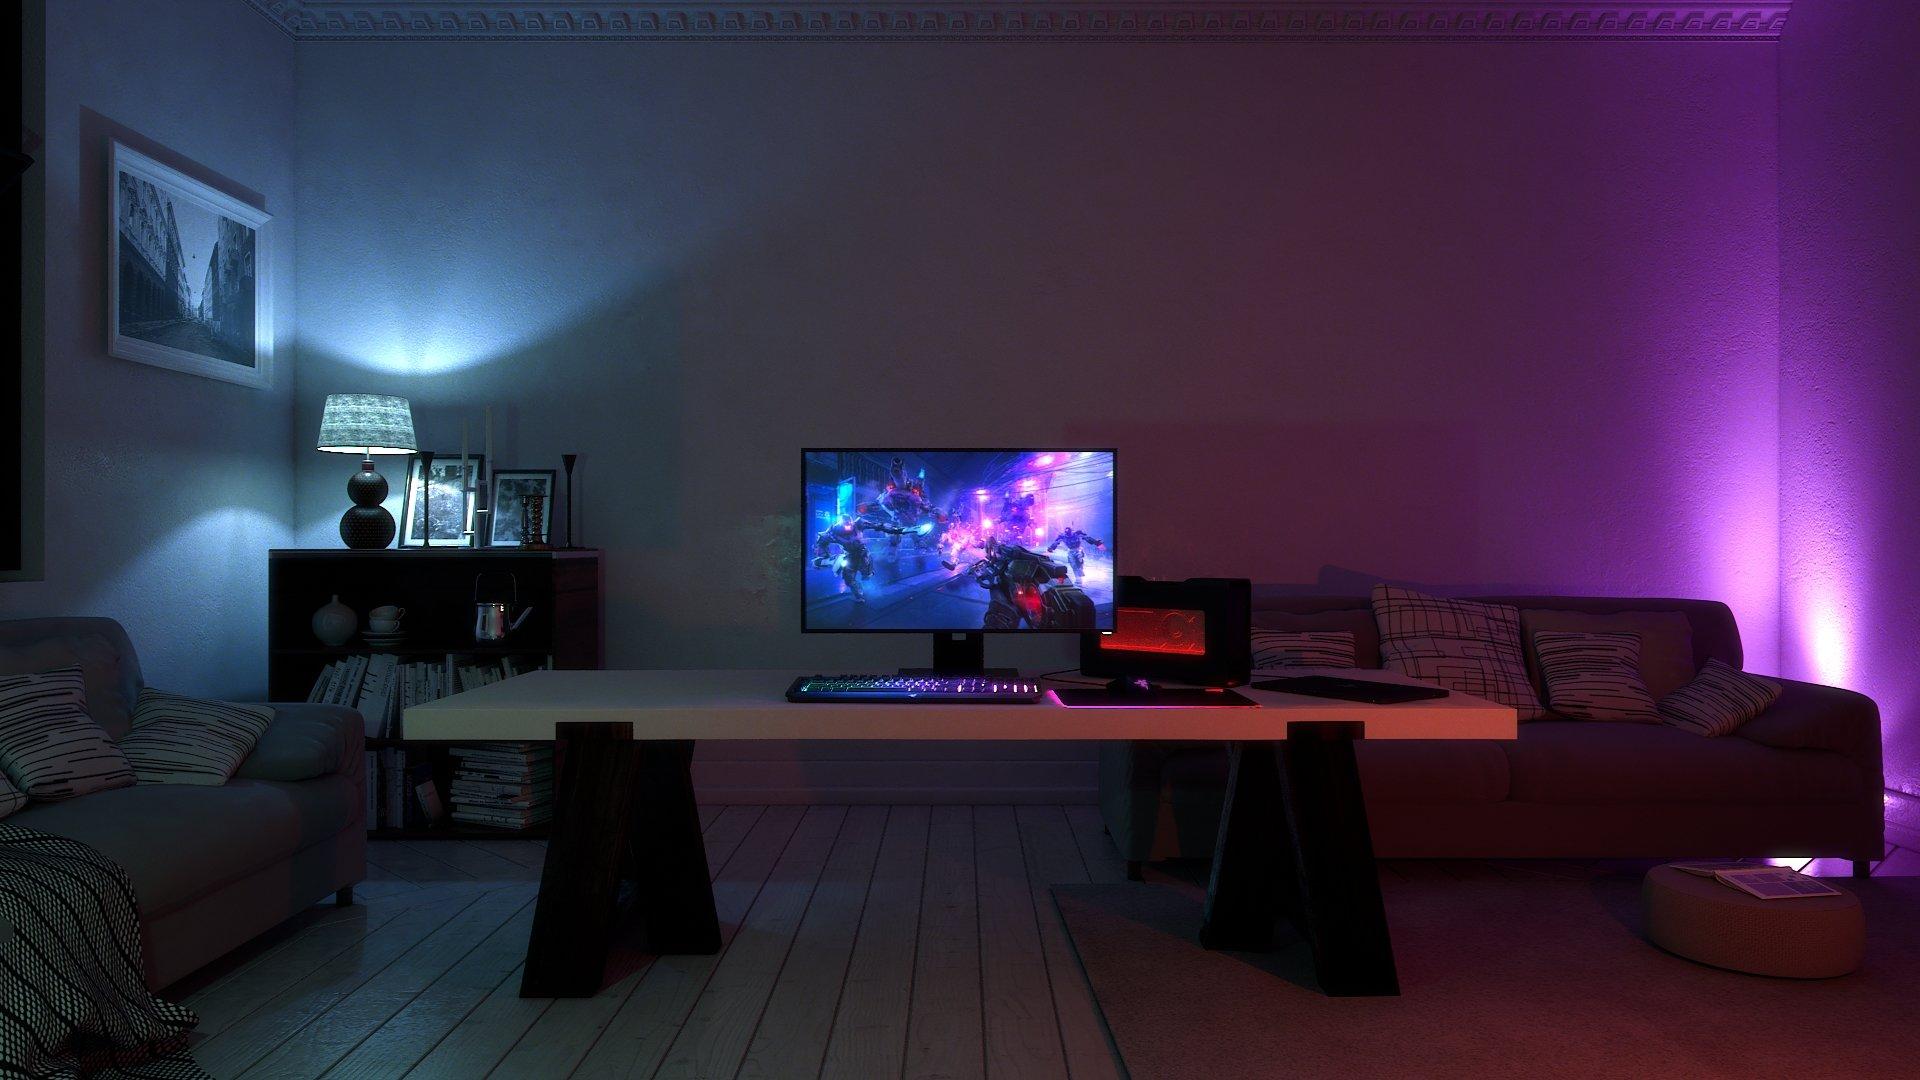 Auch Philips-Hue-Beleuchtung kann für Chroma genutzt werden